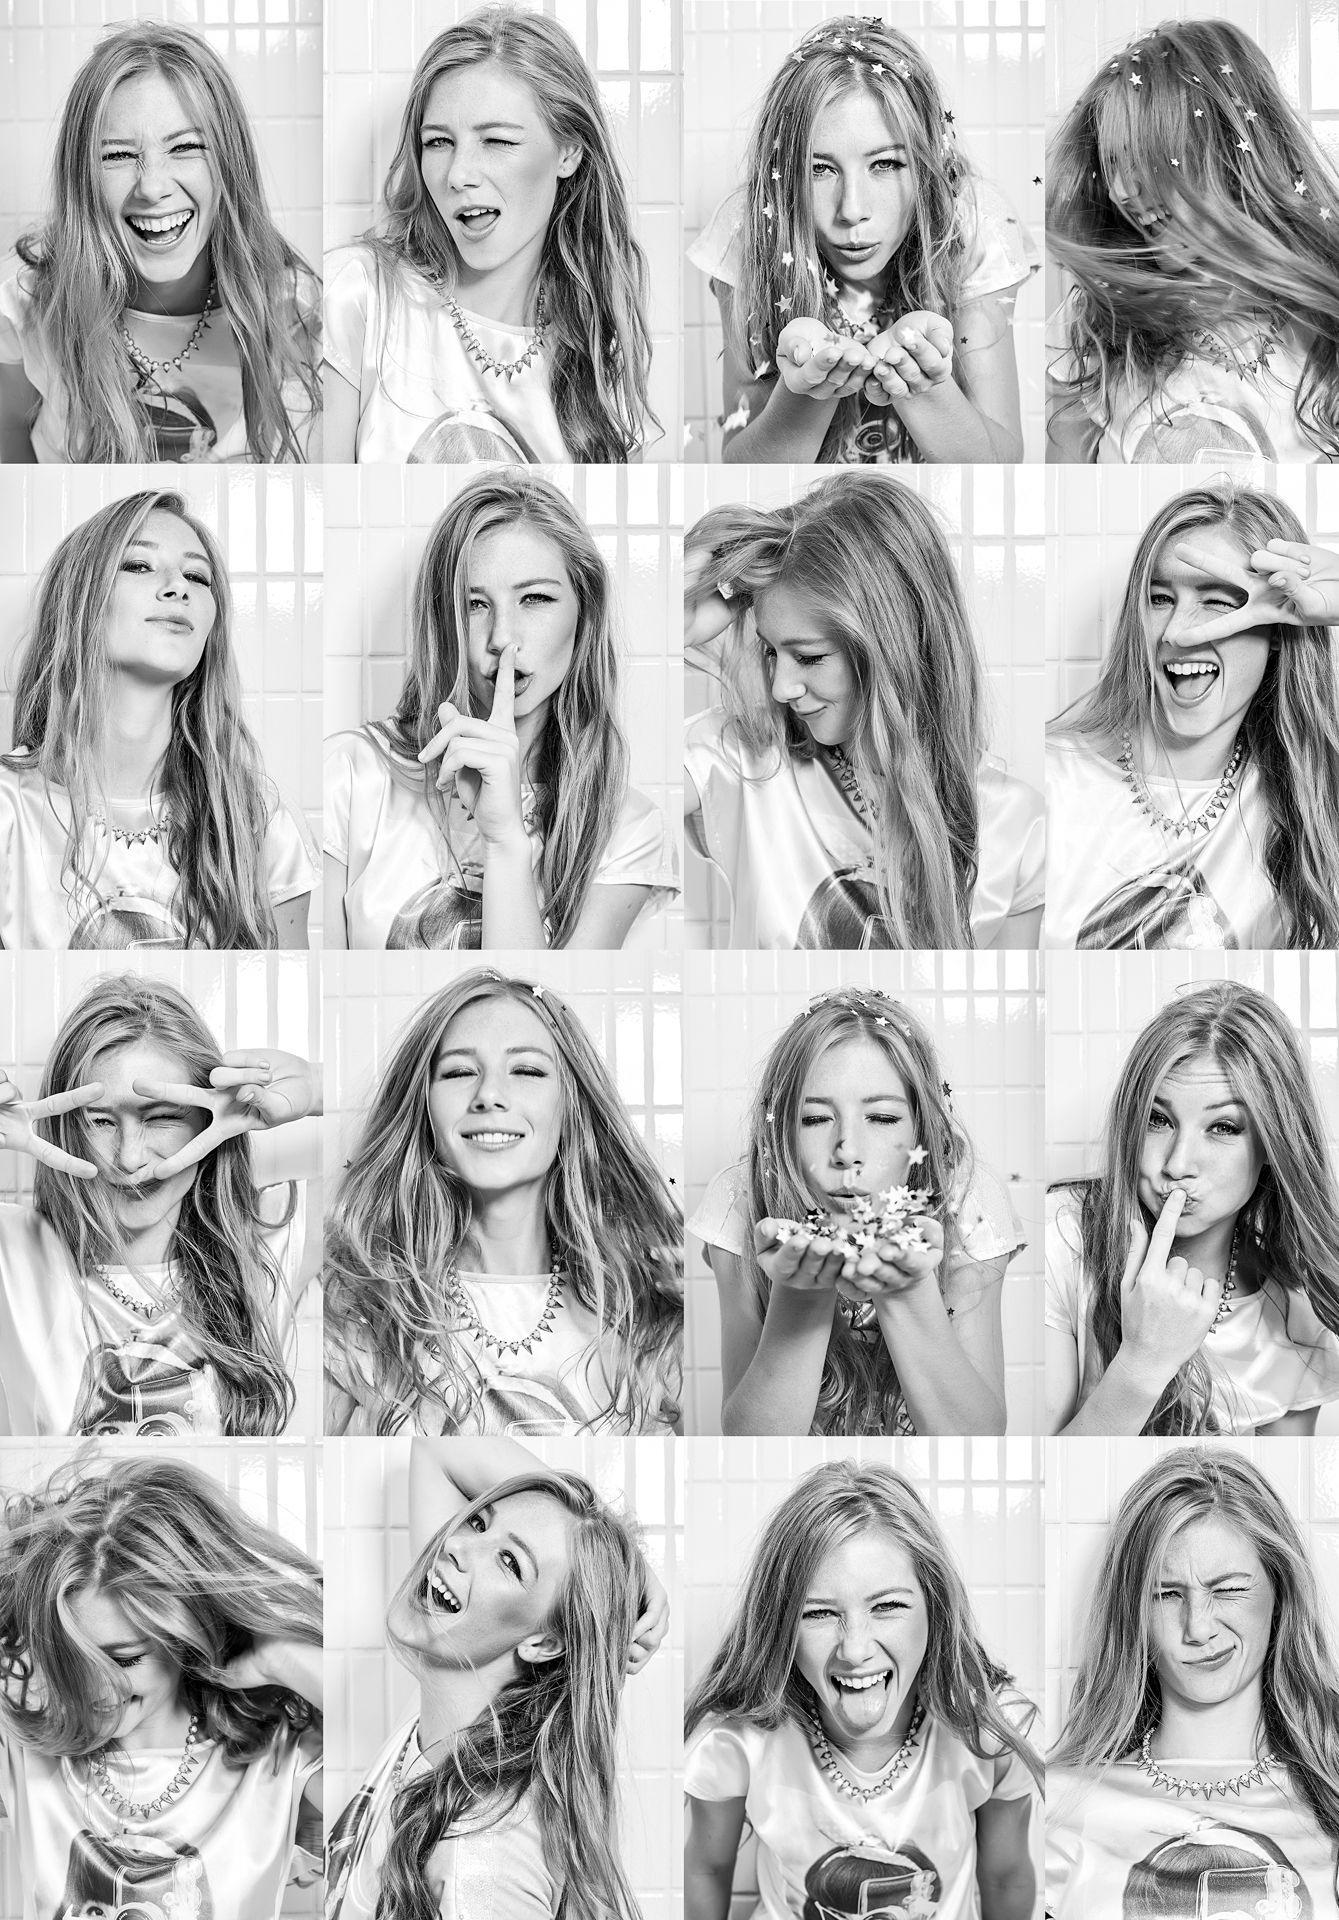 imagens femininas para perfil